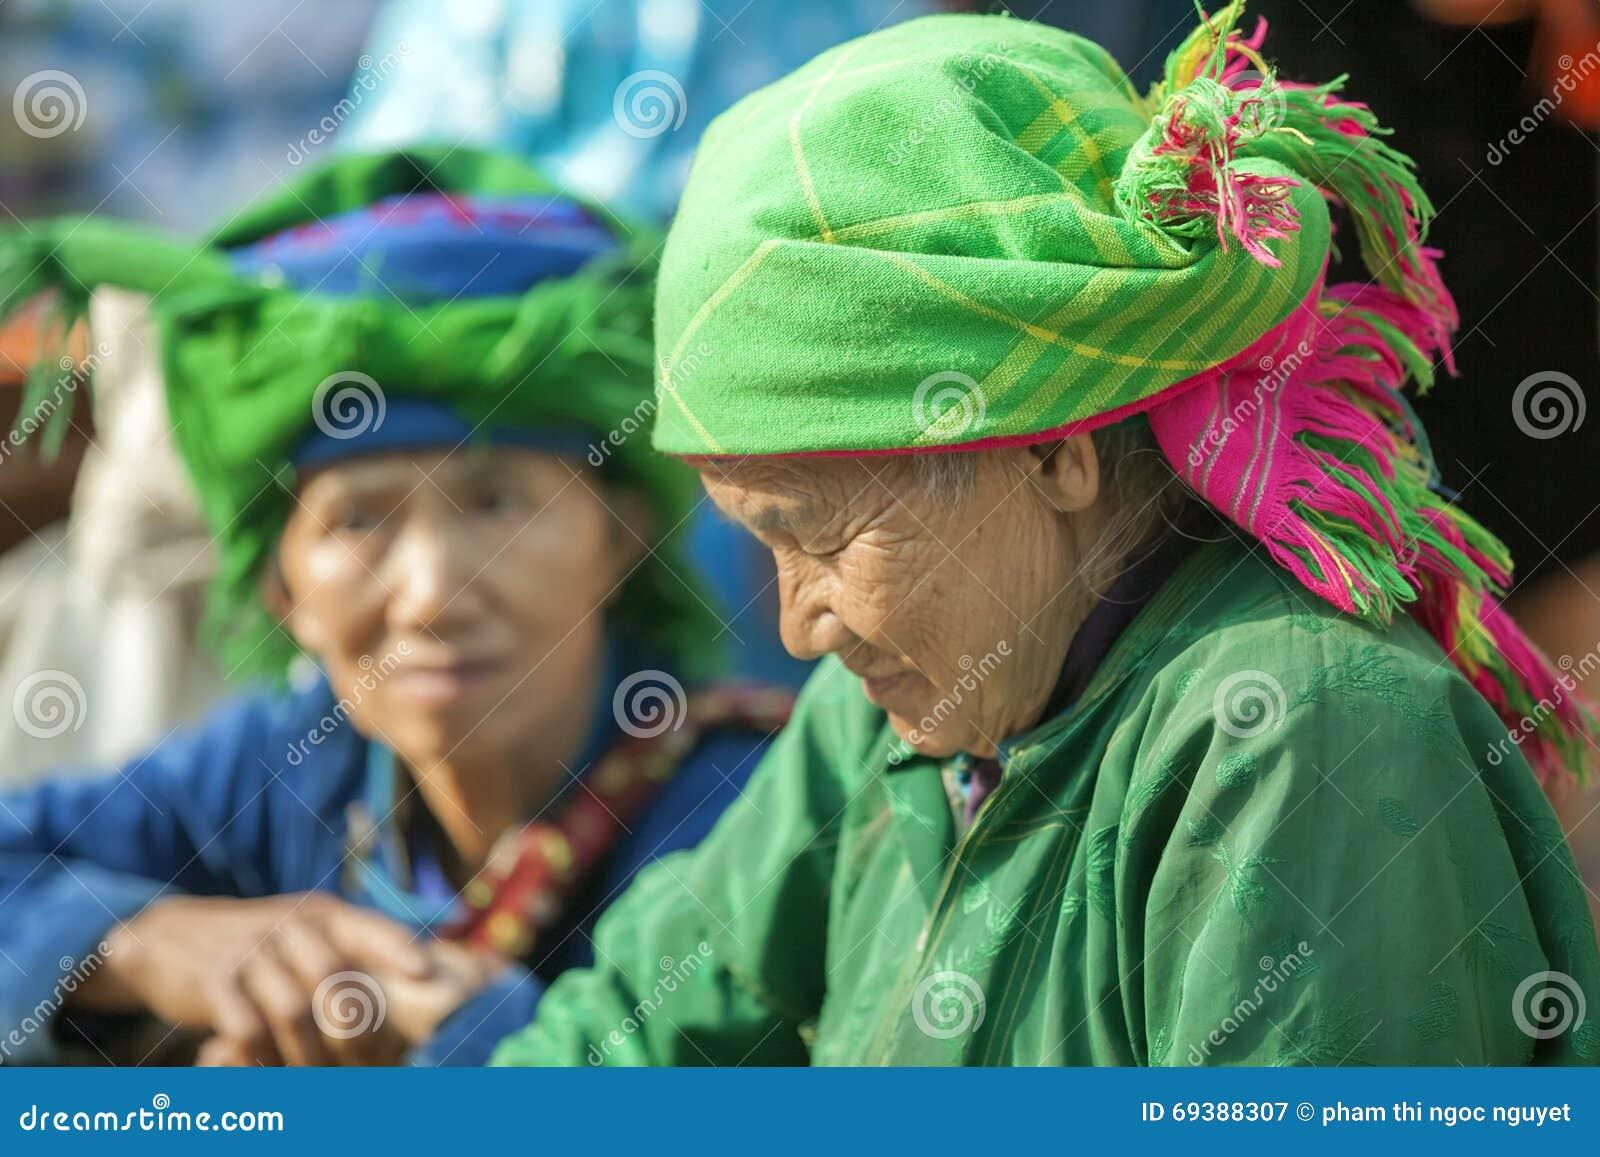 Kostuums van etnische minderheidvrouwen, bij oude Dong Van-markt